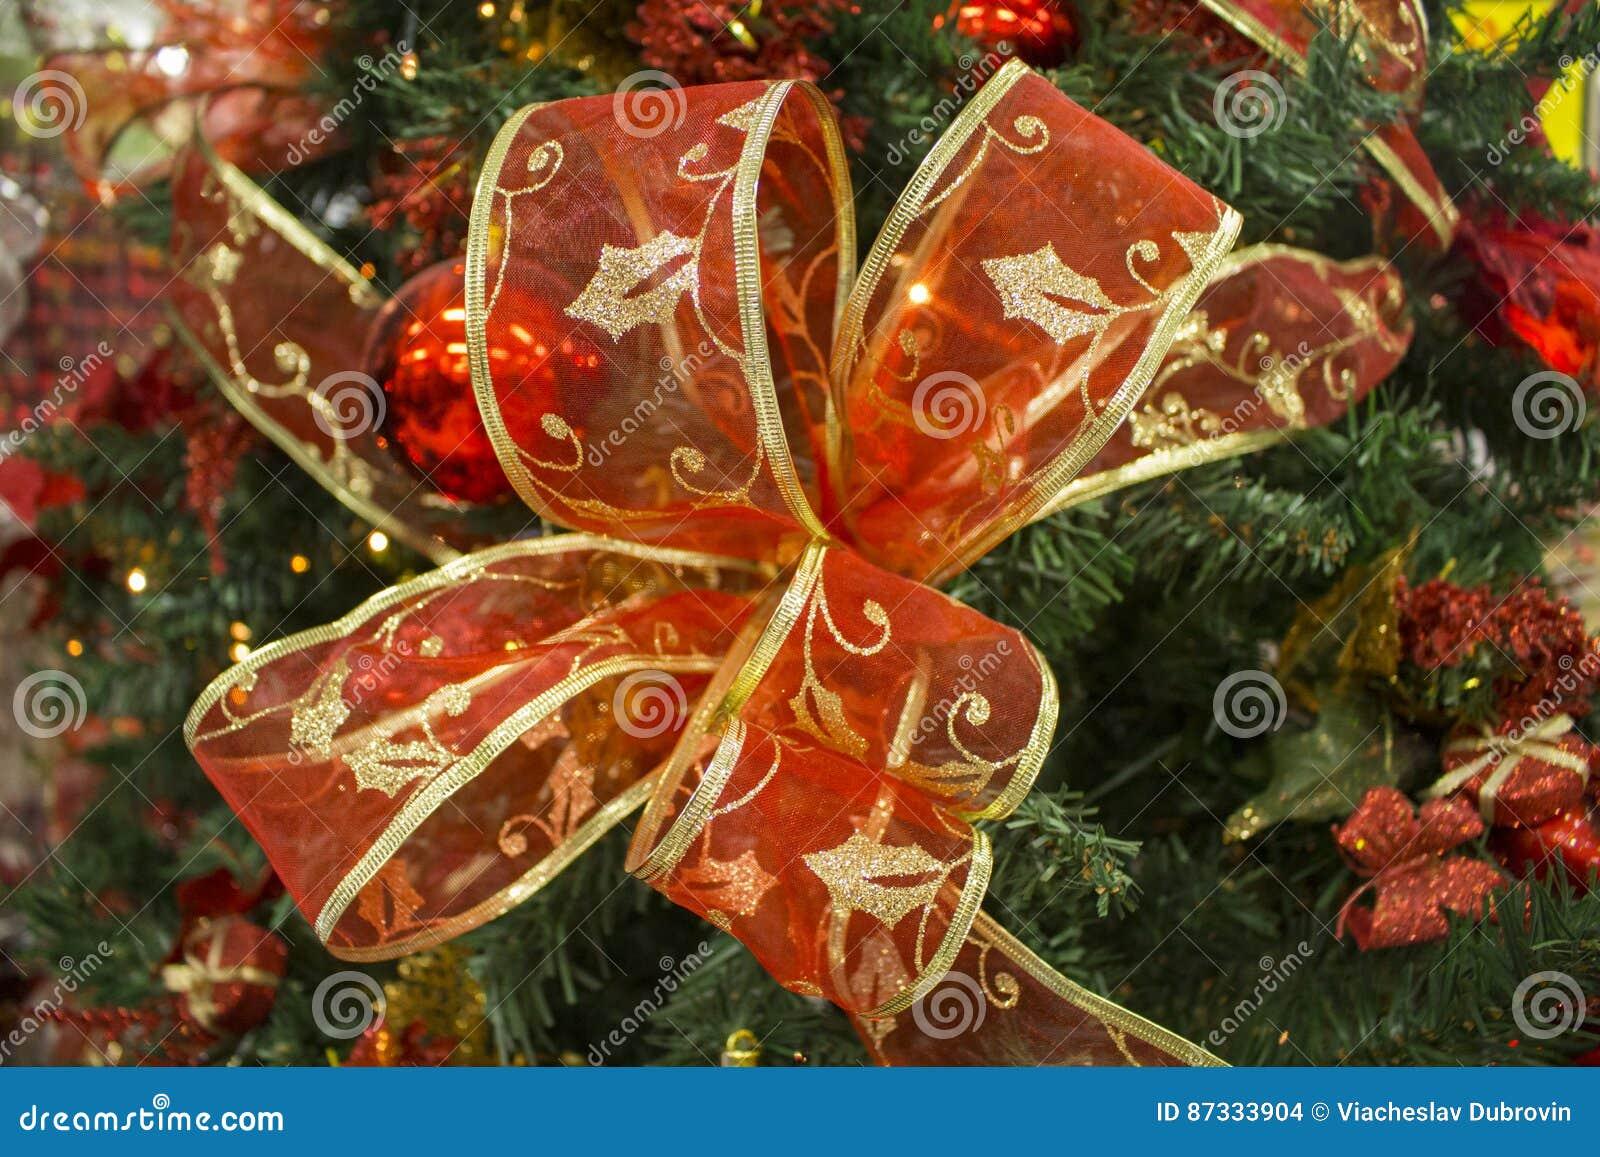 在绿色杉树分支的红色丝带弓 圣诞树装饰品与文本地方的关闭照片